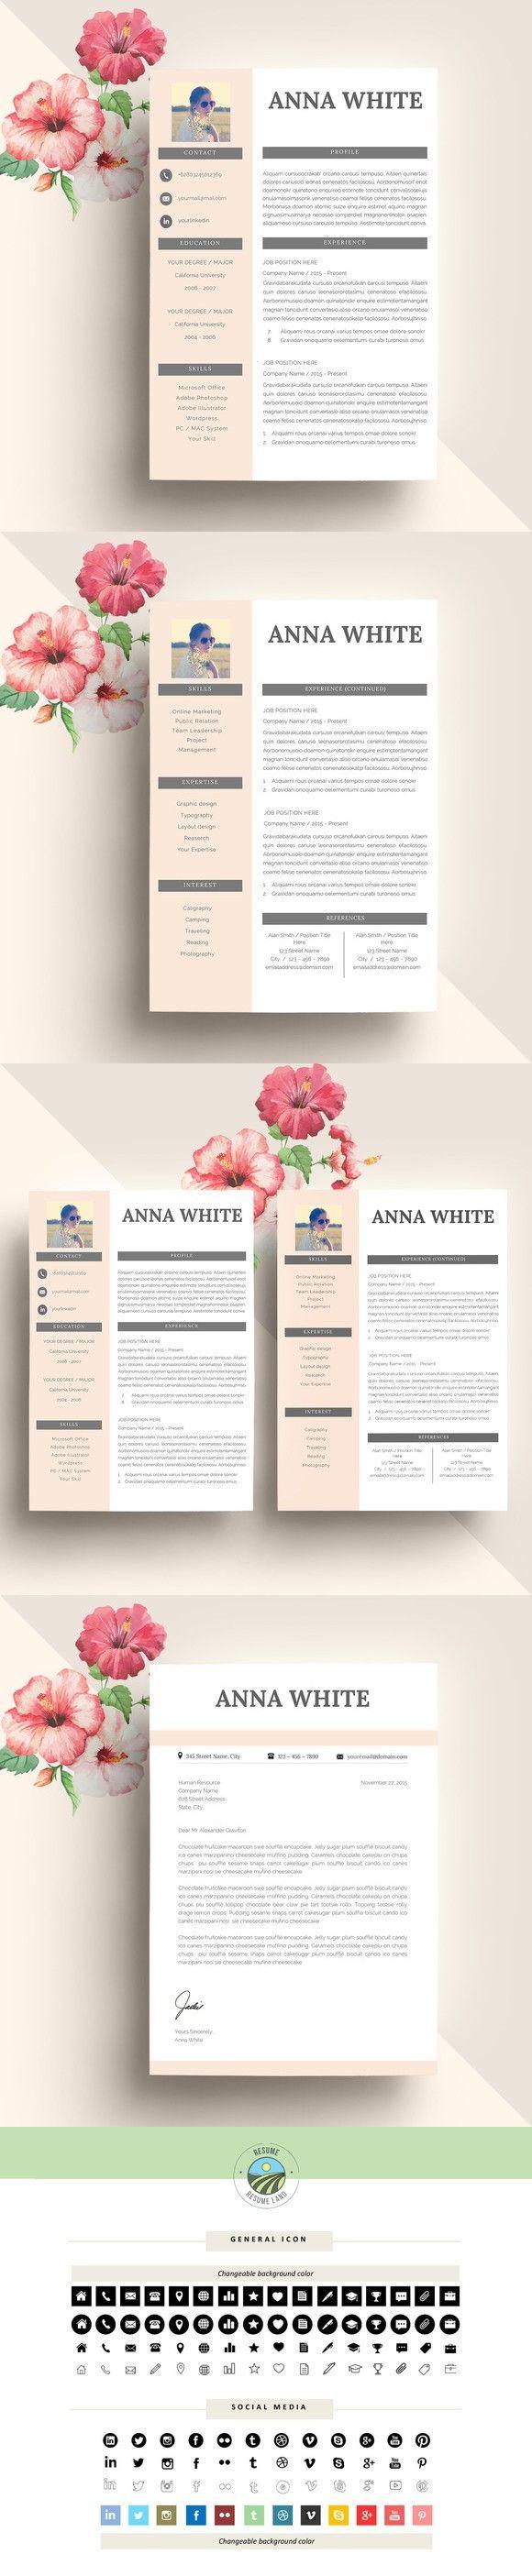 professional resume template - Floral Designer Resume Sample